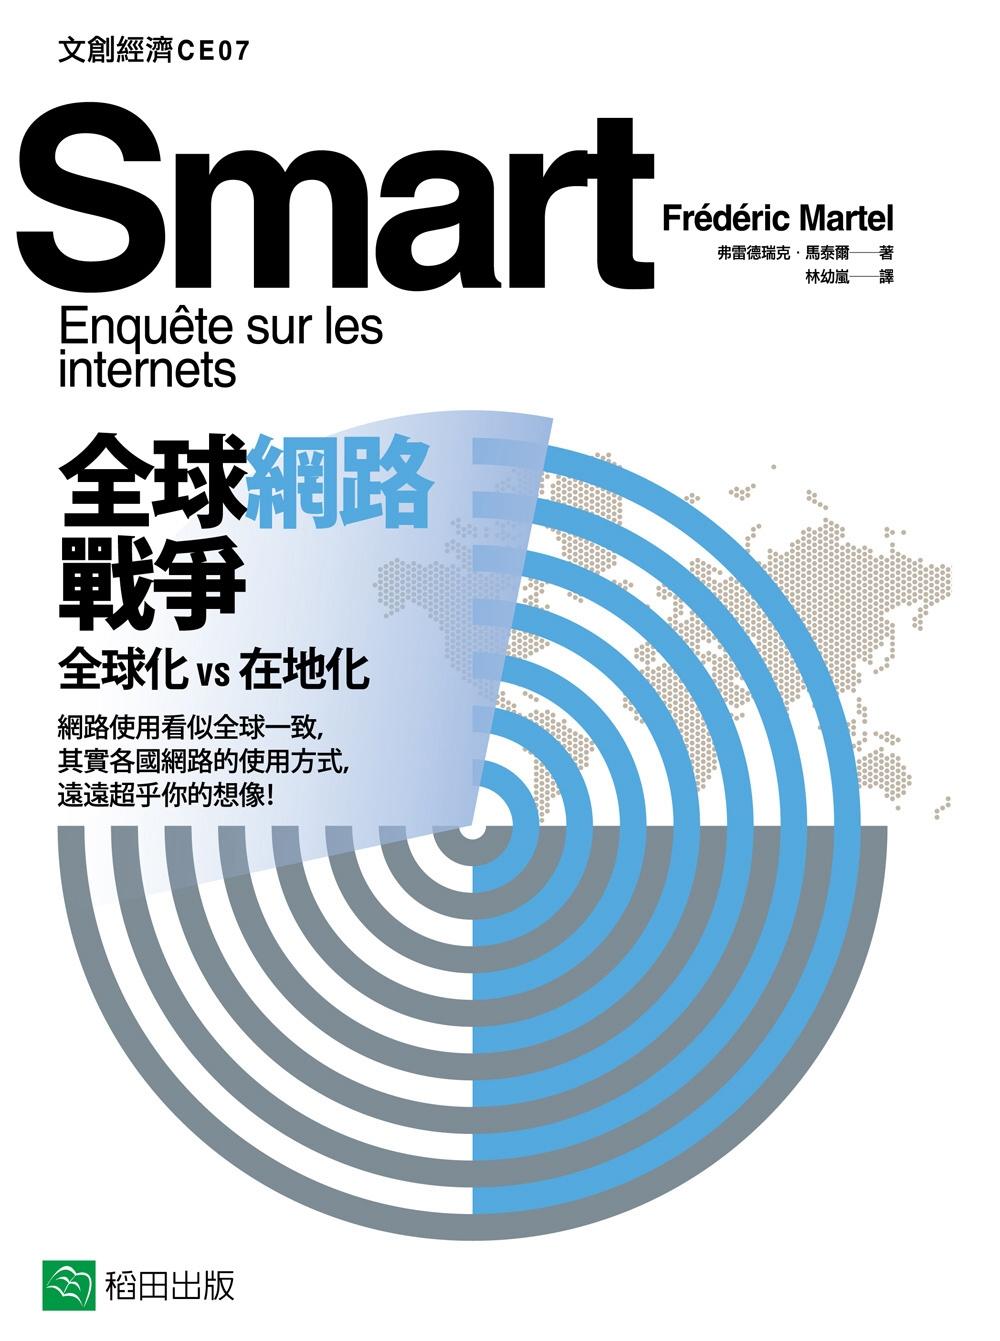 全球網路戰爭:全球化vs在地化